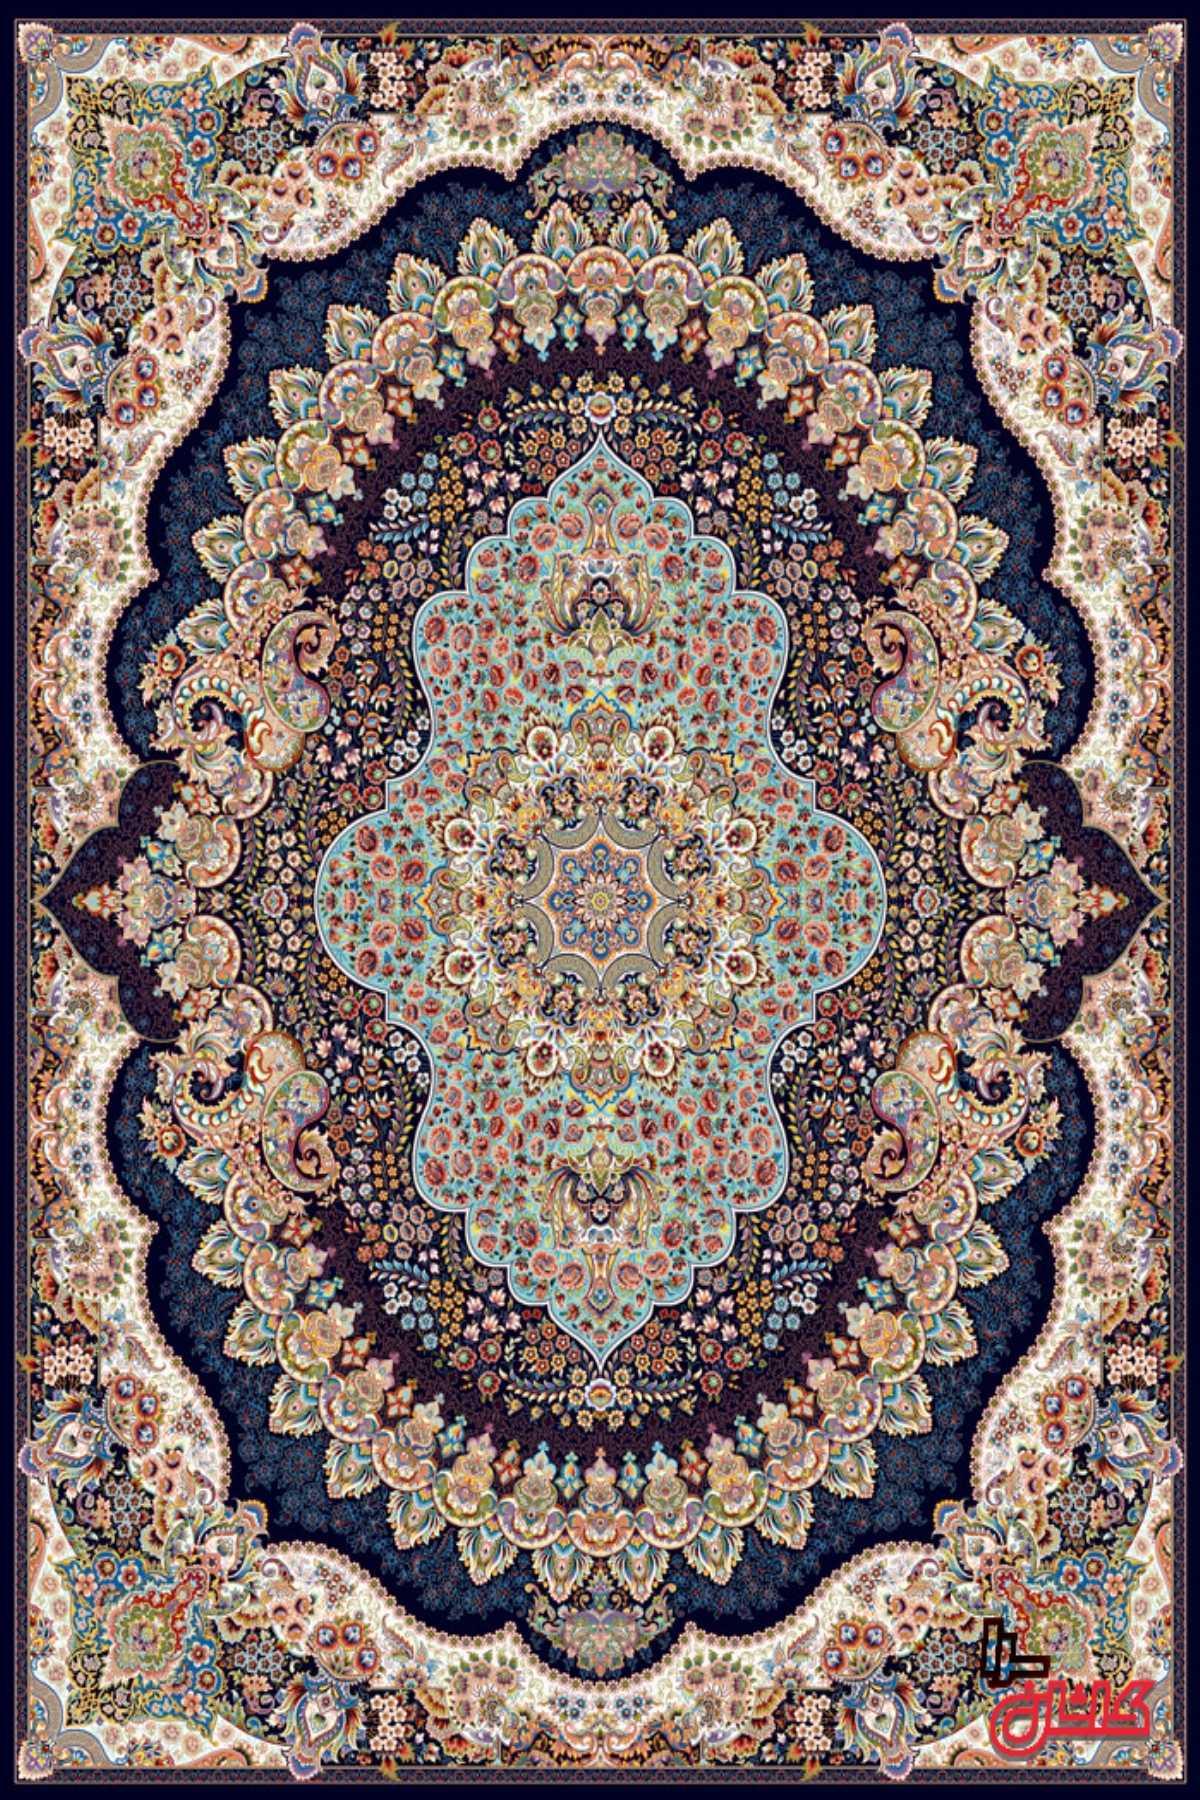 Iranmehr-Orkideh_12m_S3_2550-700